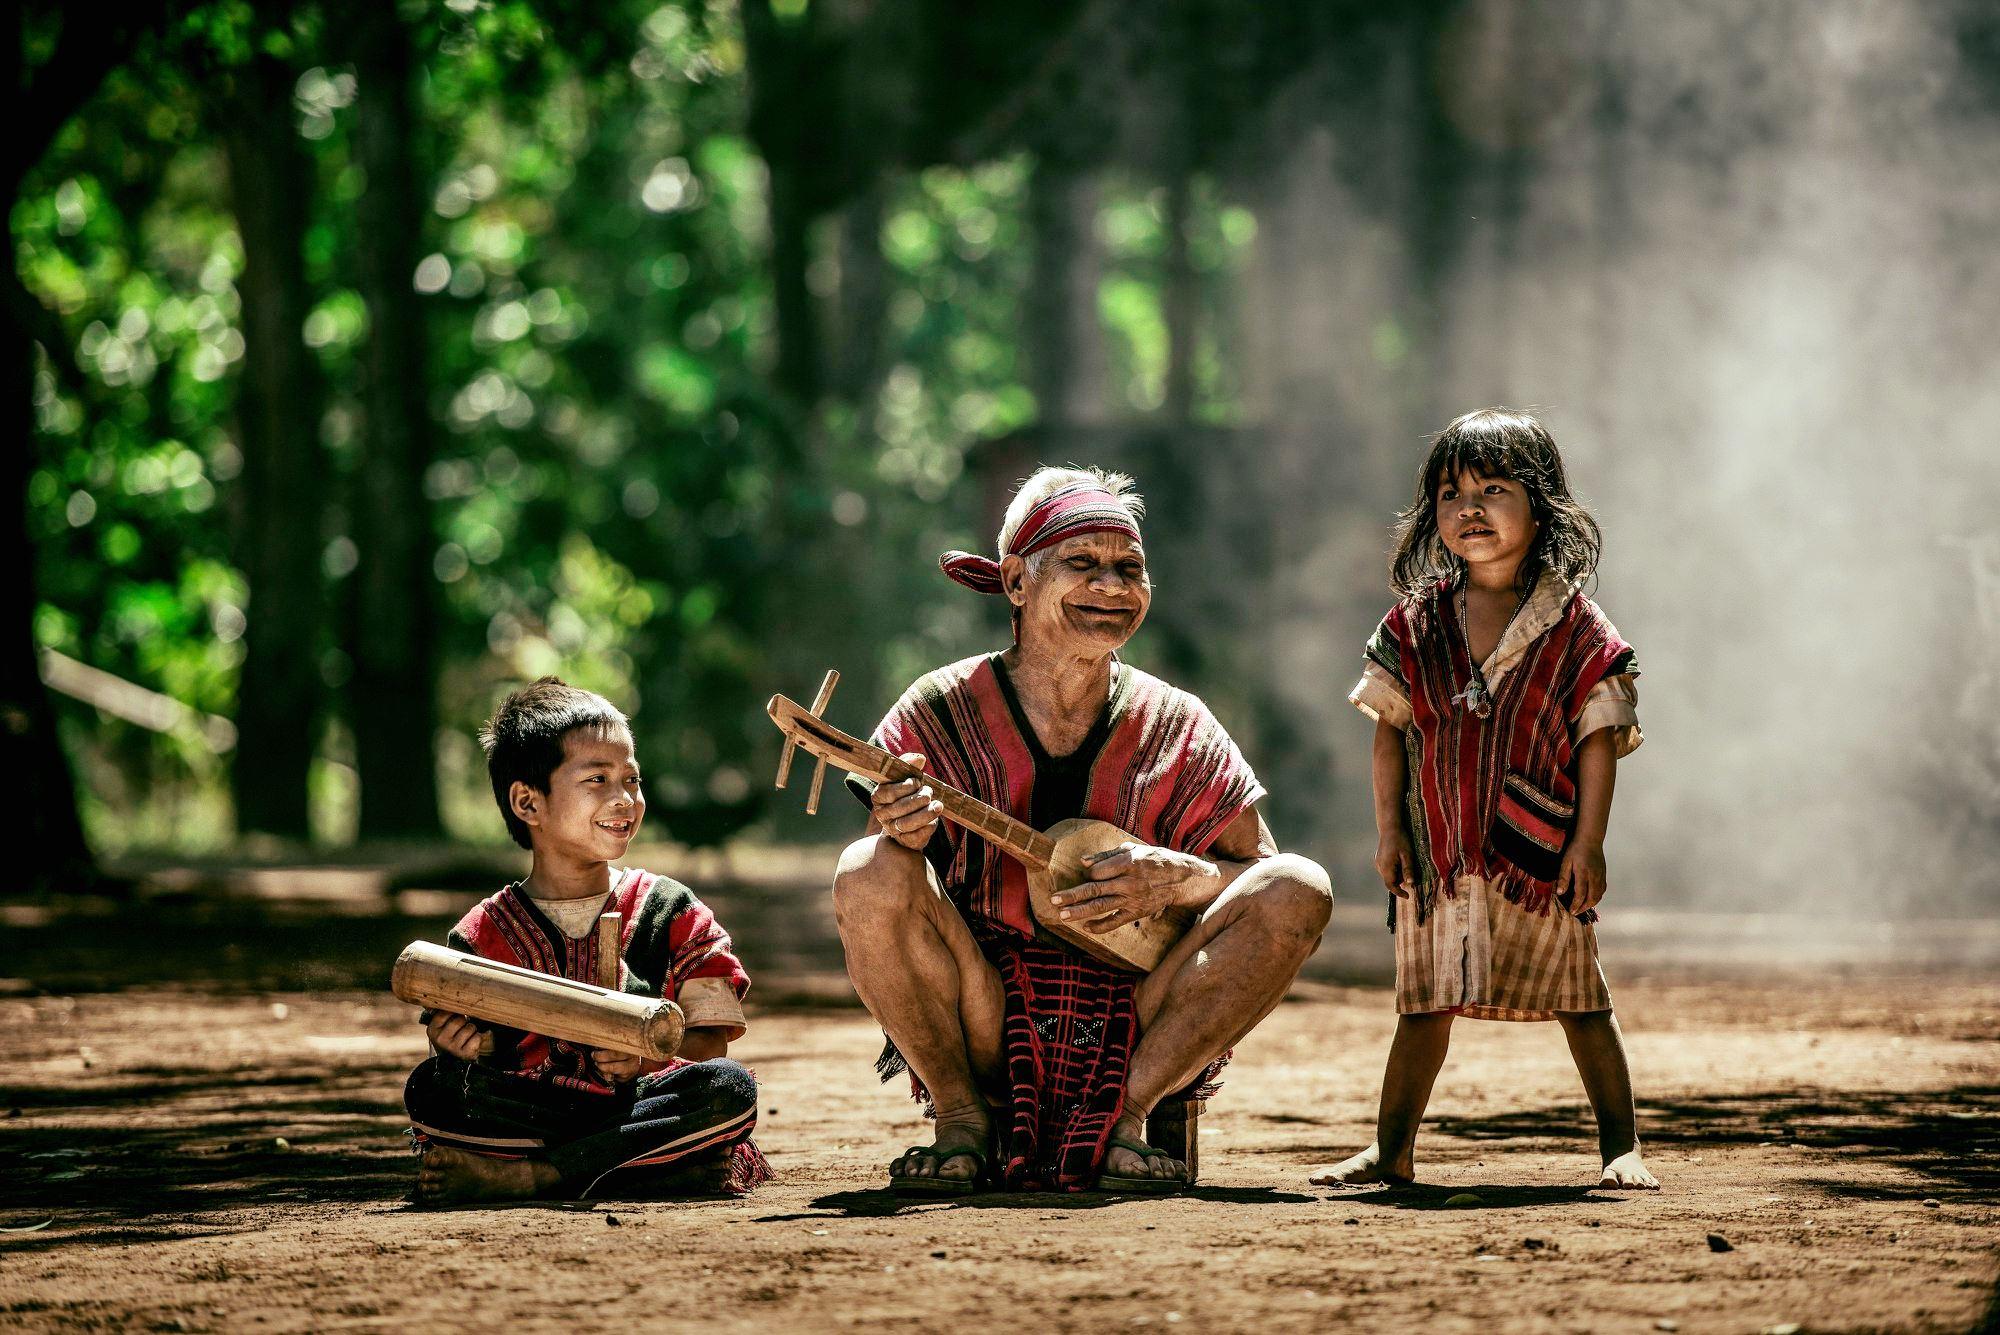 라오스 소수민족 브라오족 남자 3명